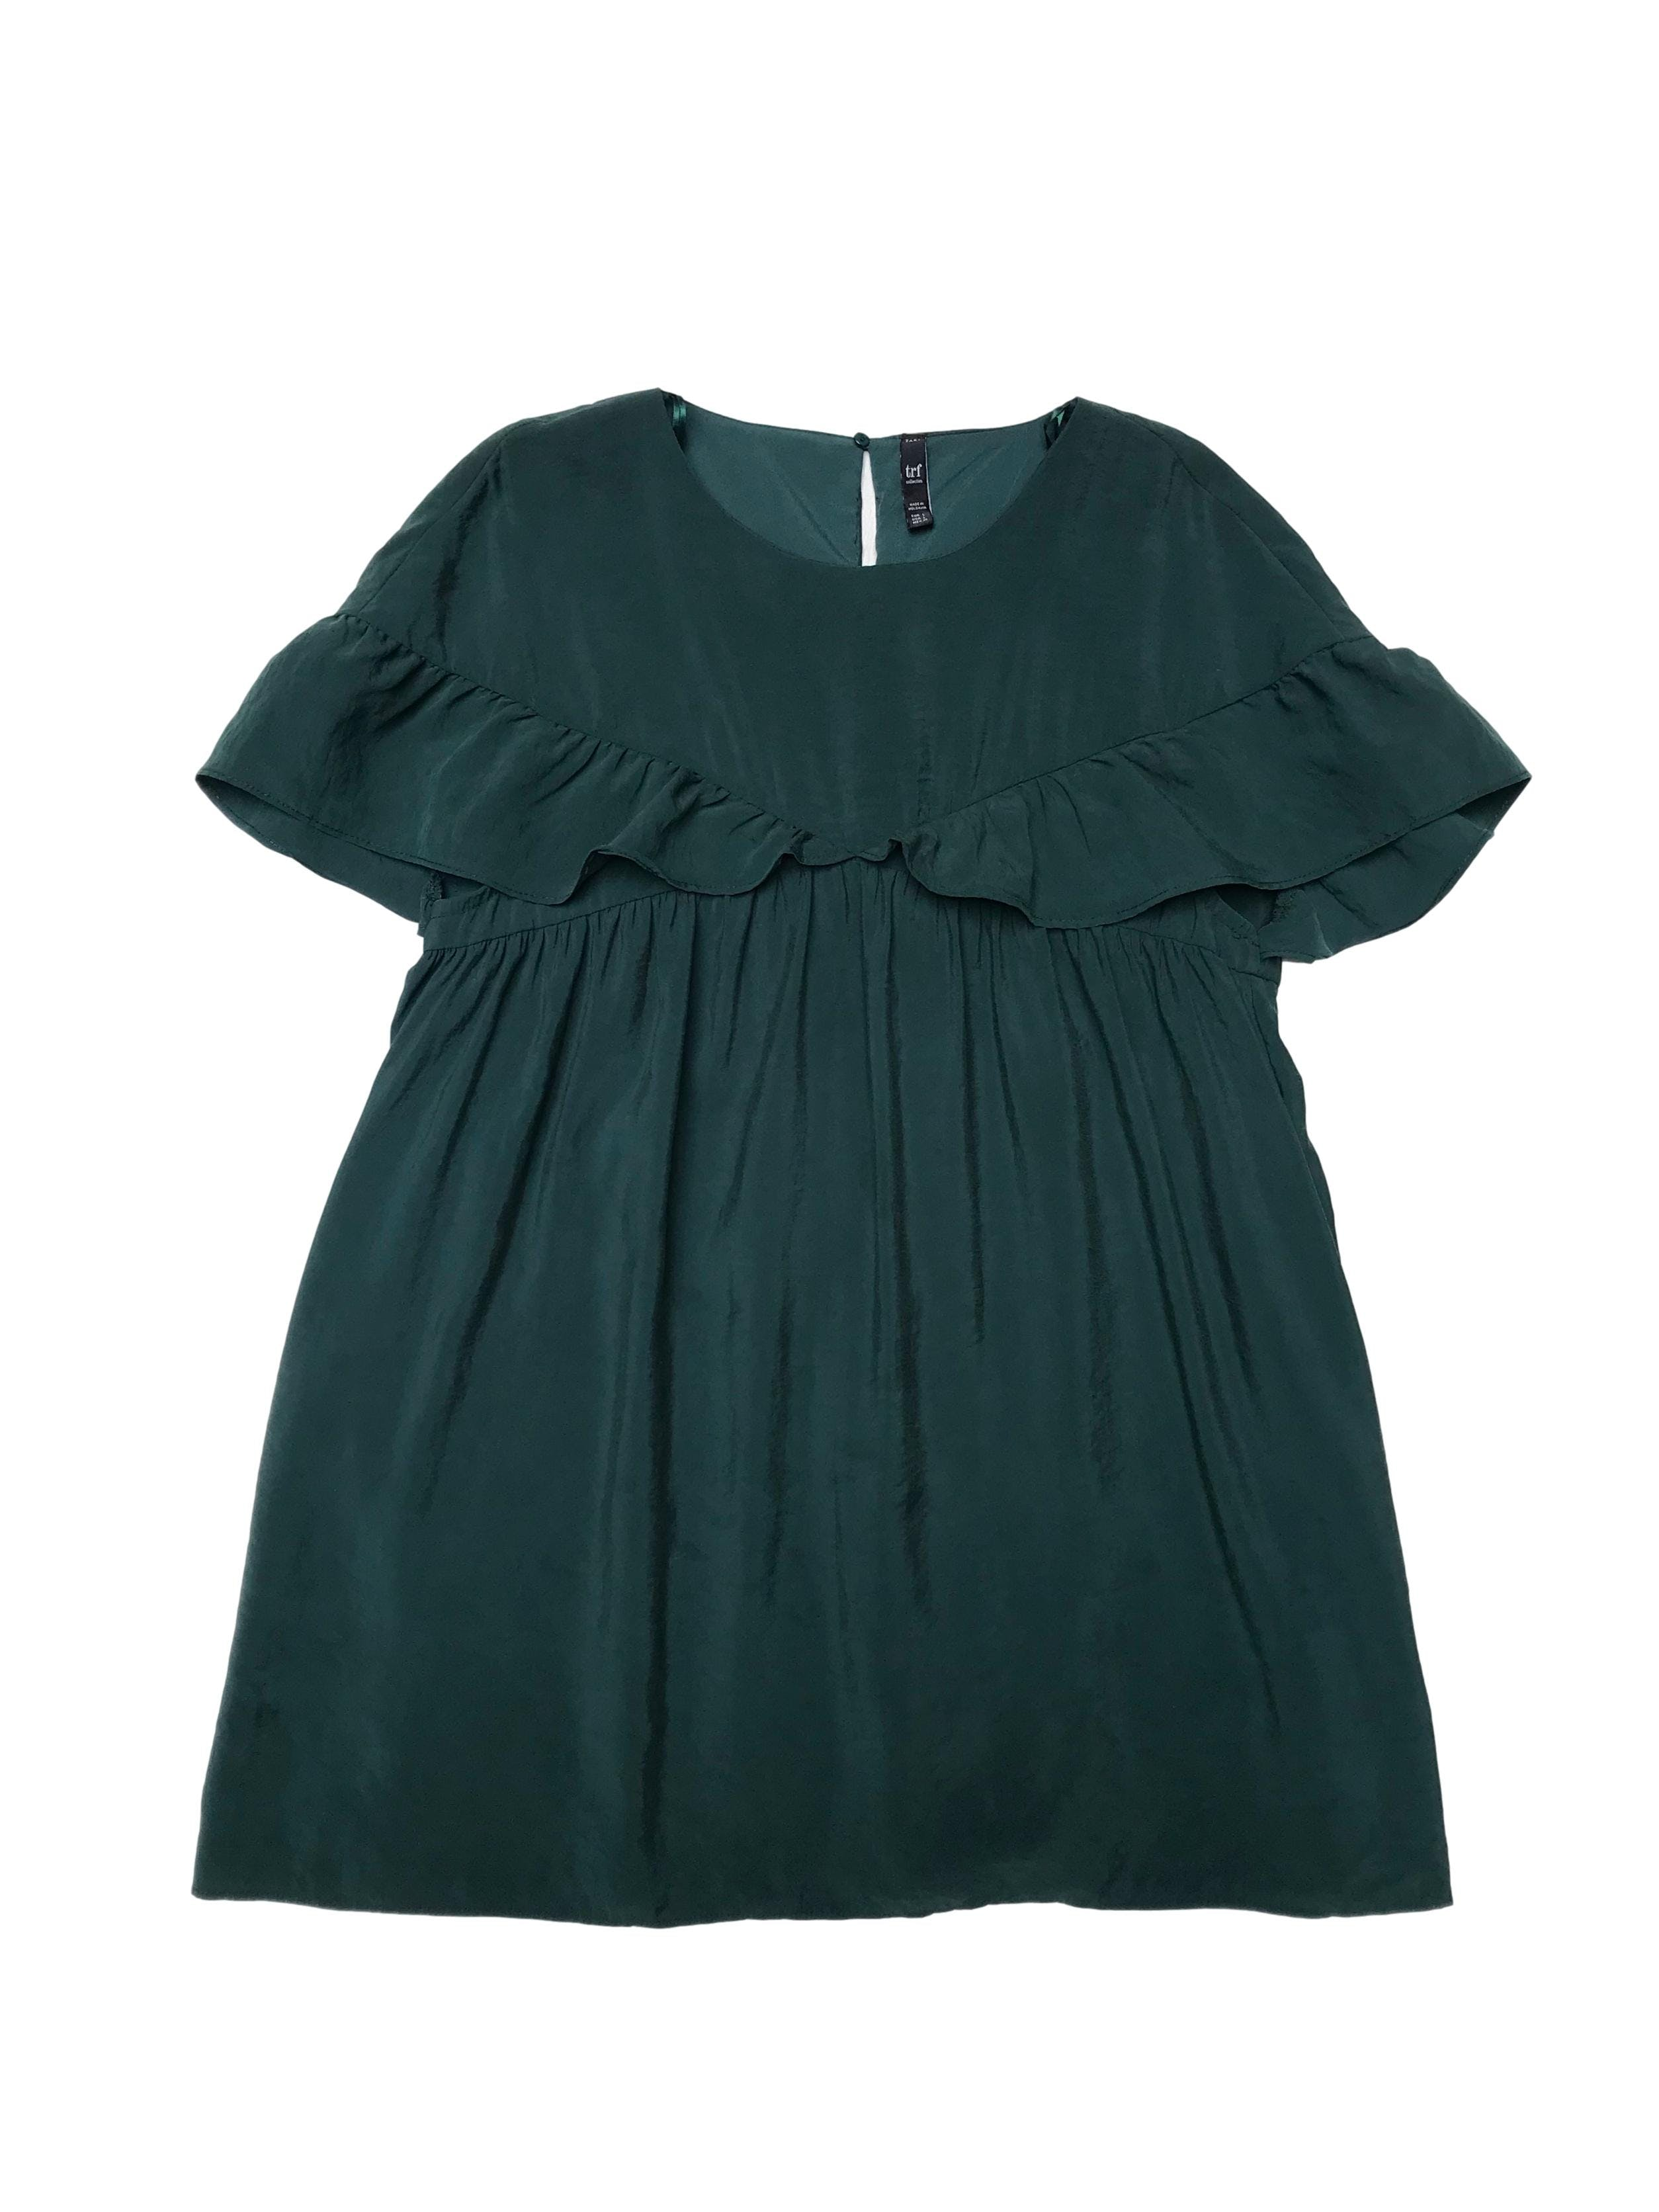 Vestido Zara verde de modal efecto lavado con volantes, cierre y botón posterior, lleva forro tipo enterizo short. Busto 100cm Largo 82cm